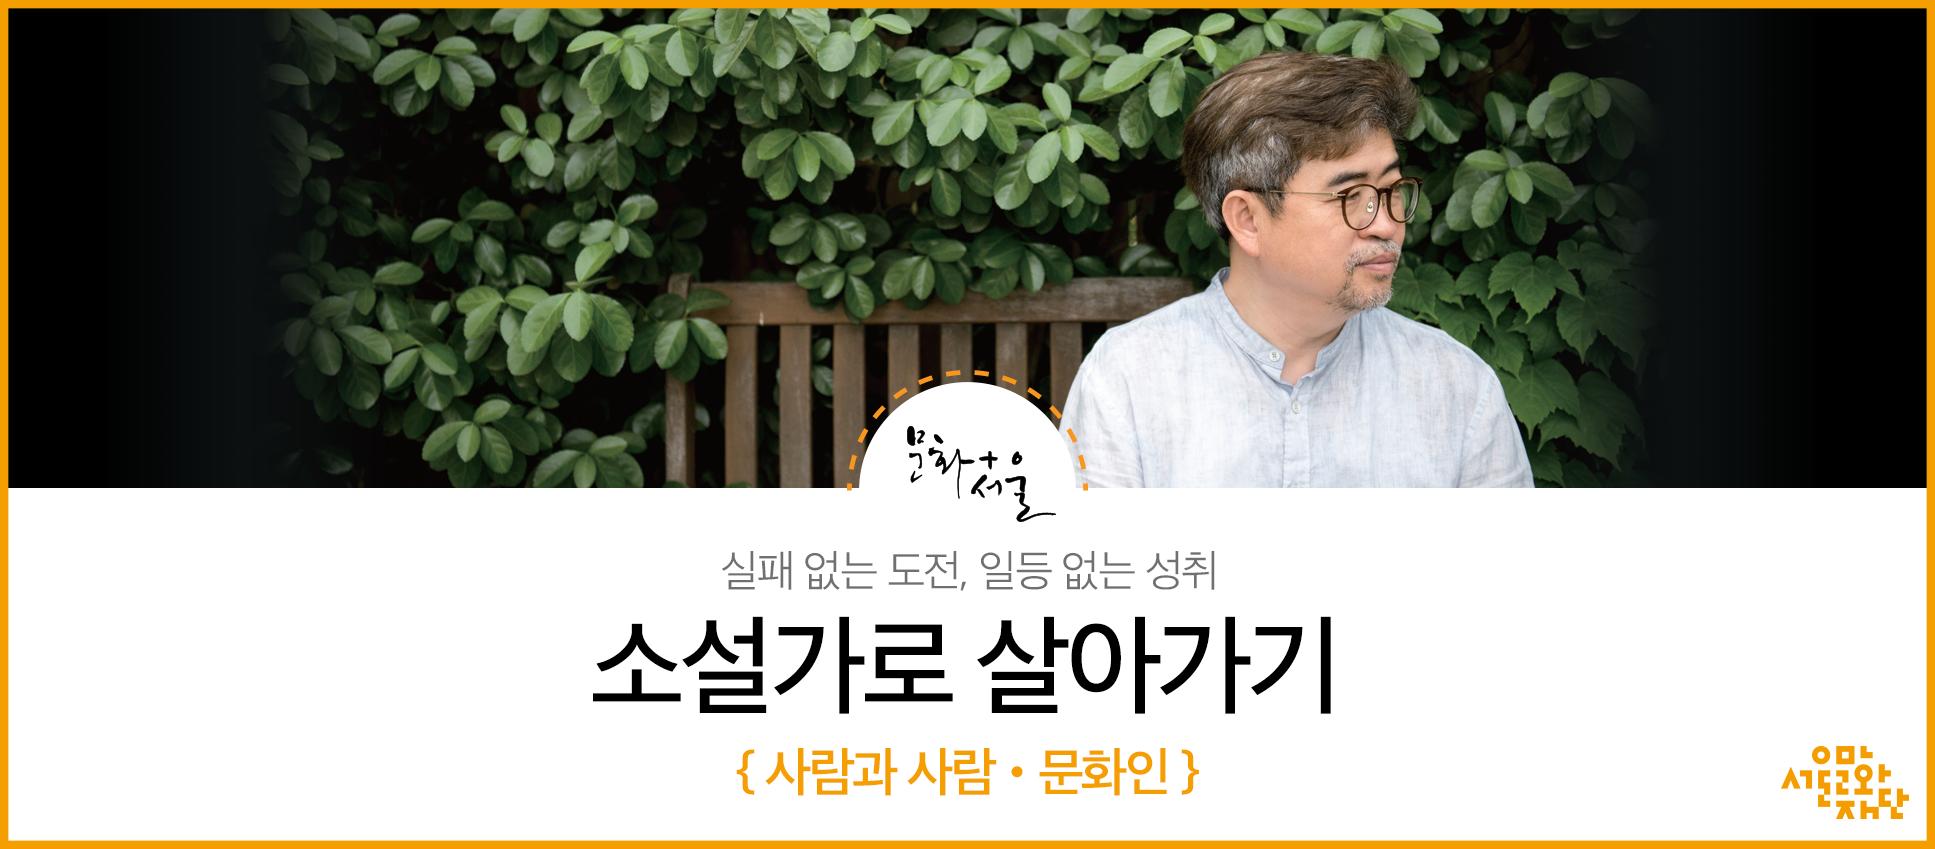 소설가로 살아가기 : 소설가 김탁환